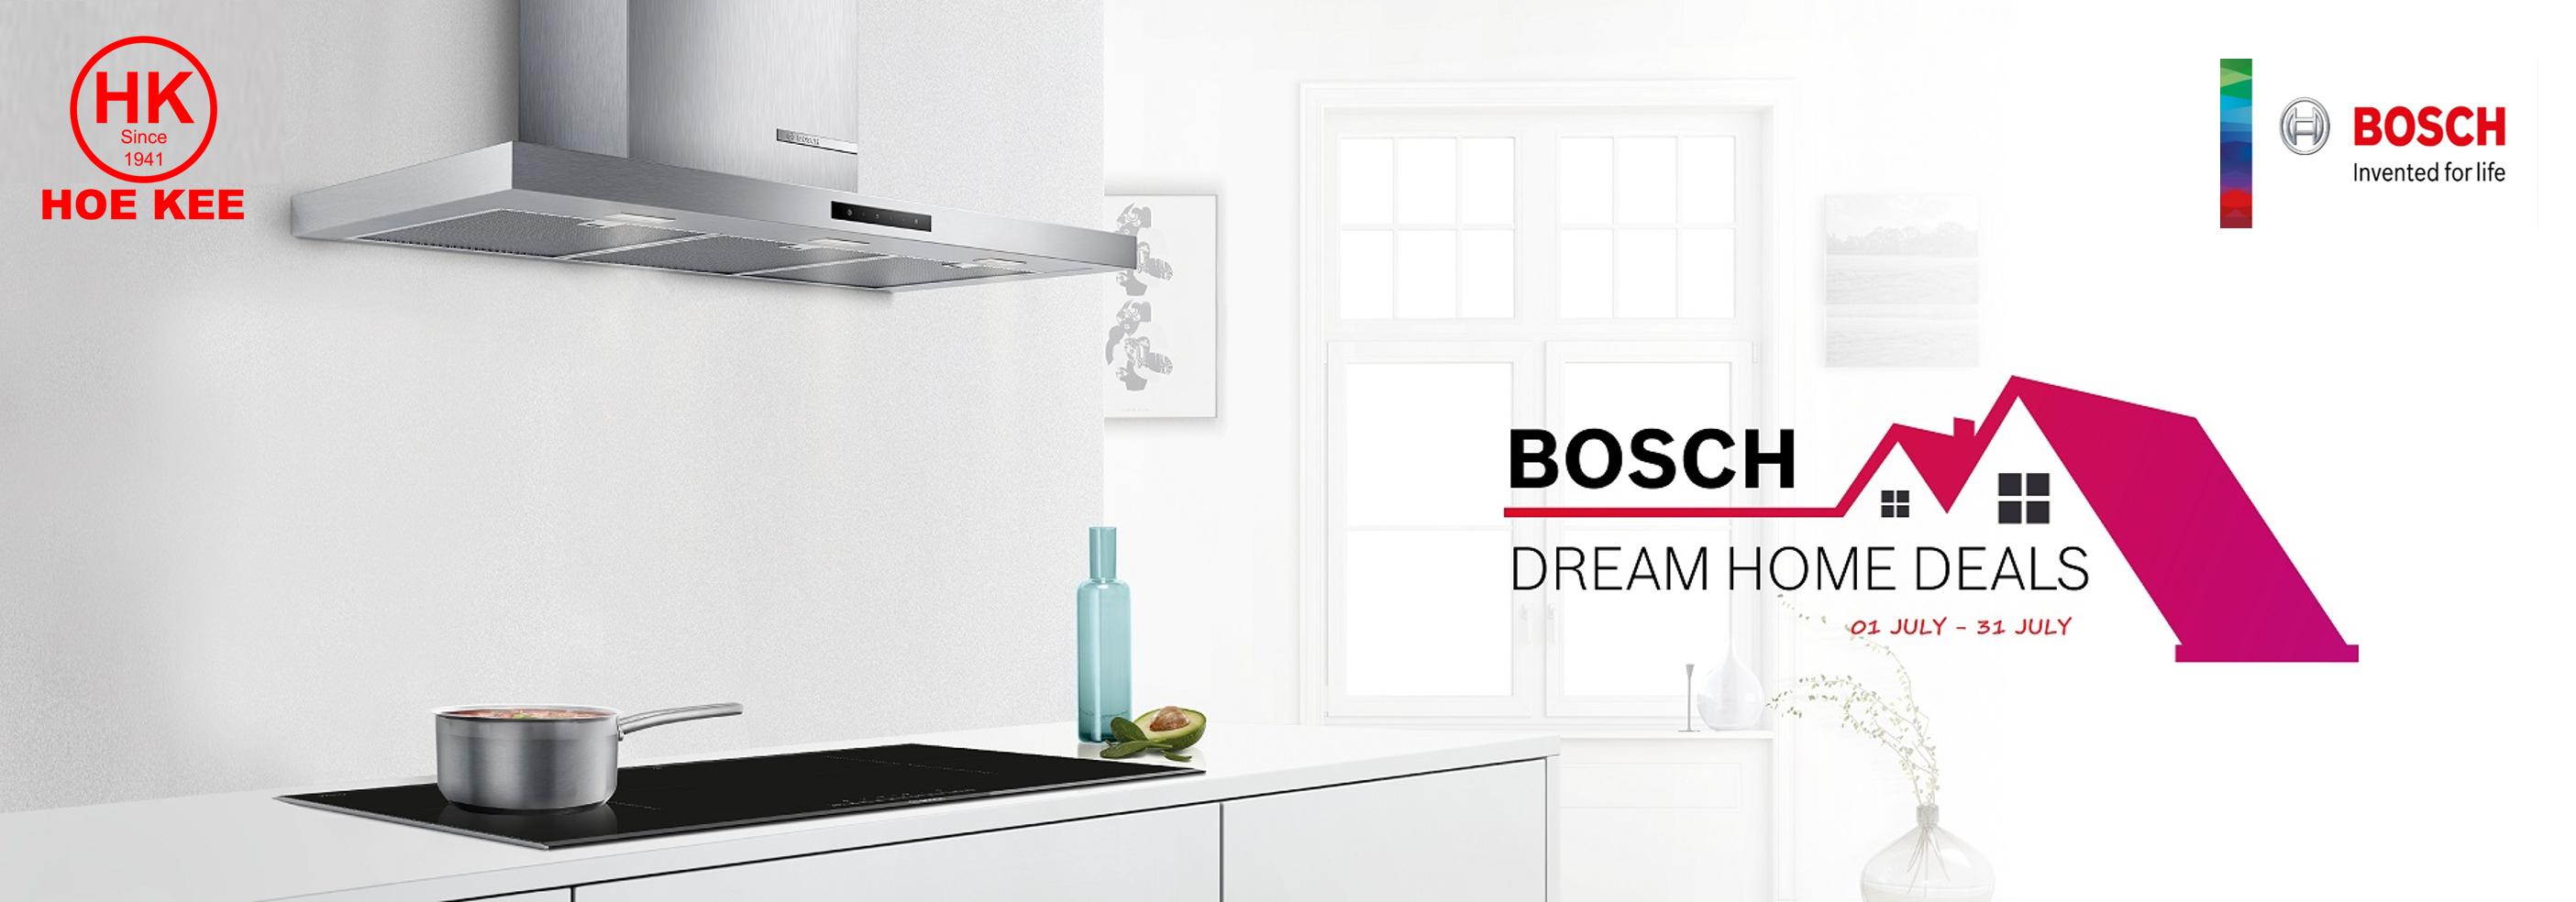 Bosch Dream Home Deals